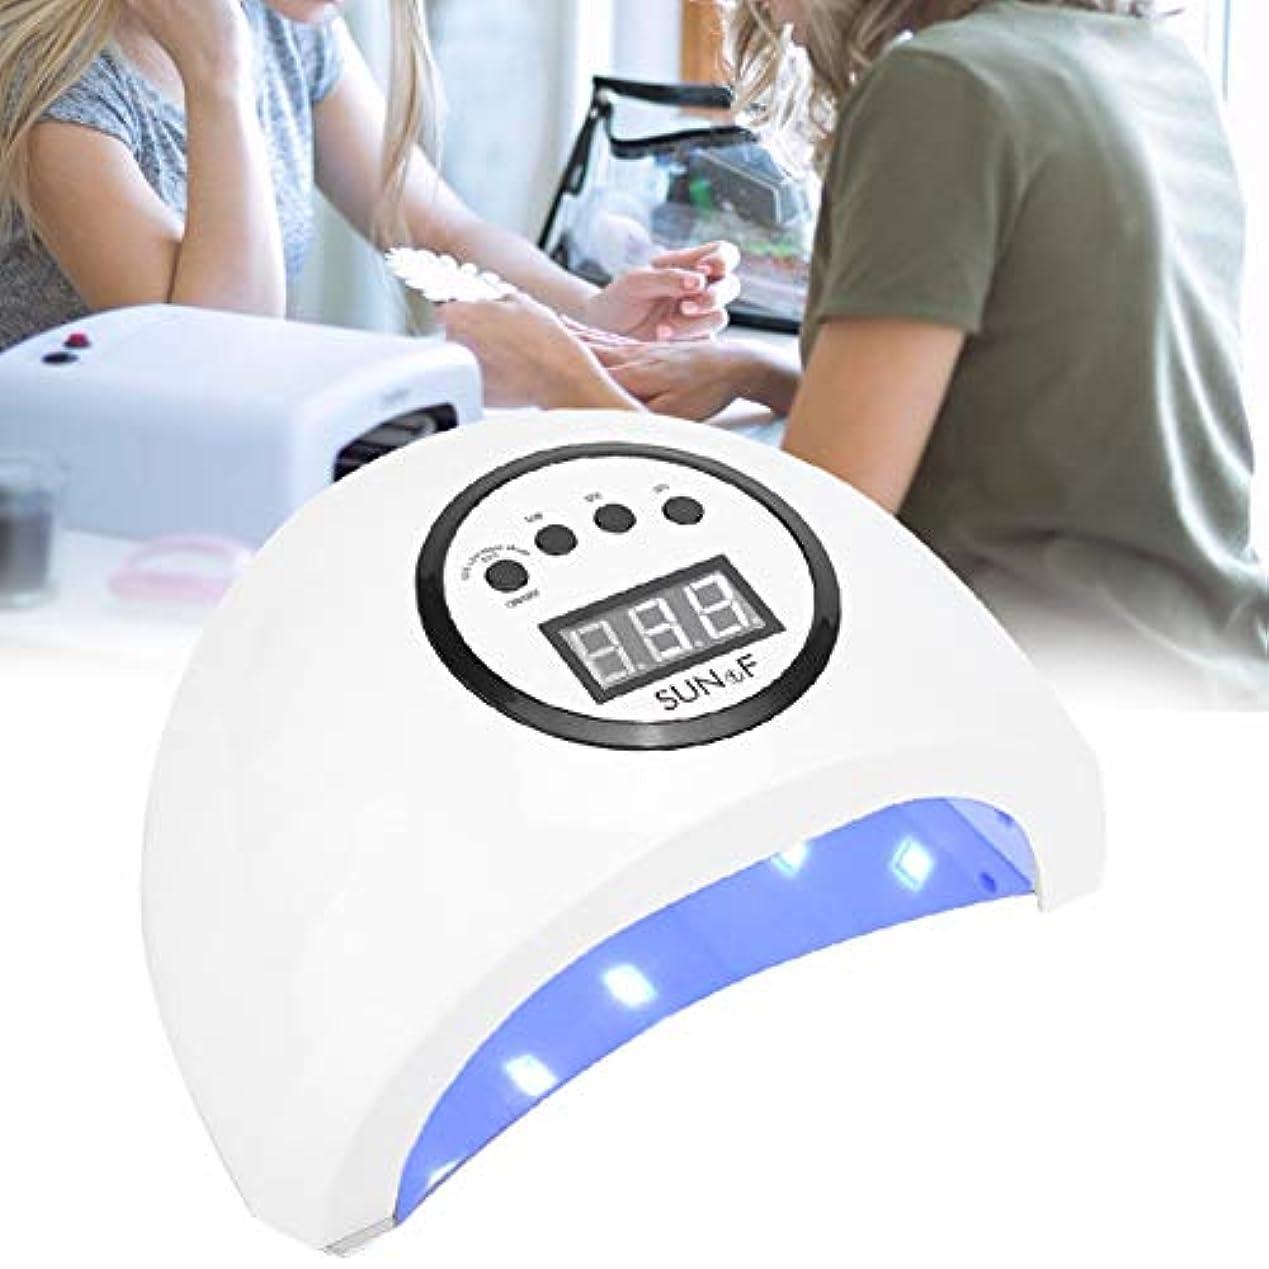 小学生事故スキャンダラス48W LEDネイルランプ、ジェルネイルポリッシュドライヤー、クイックドライネイルマシン(米国)